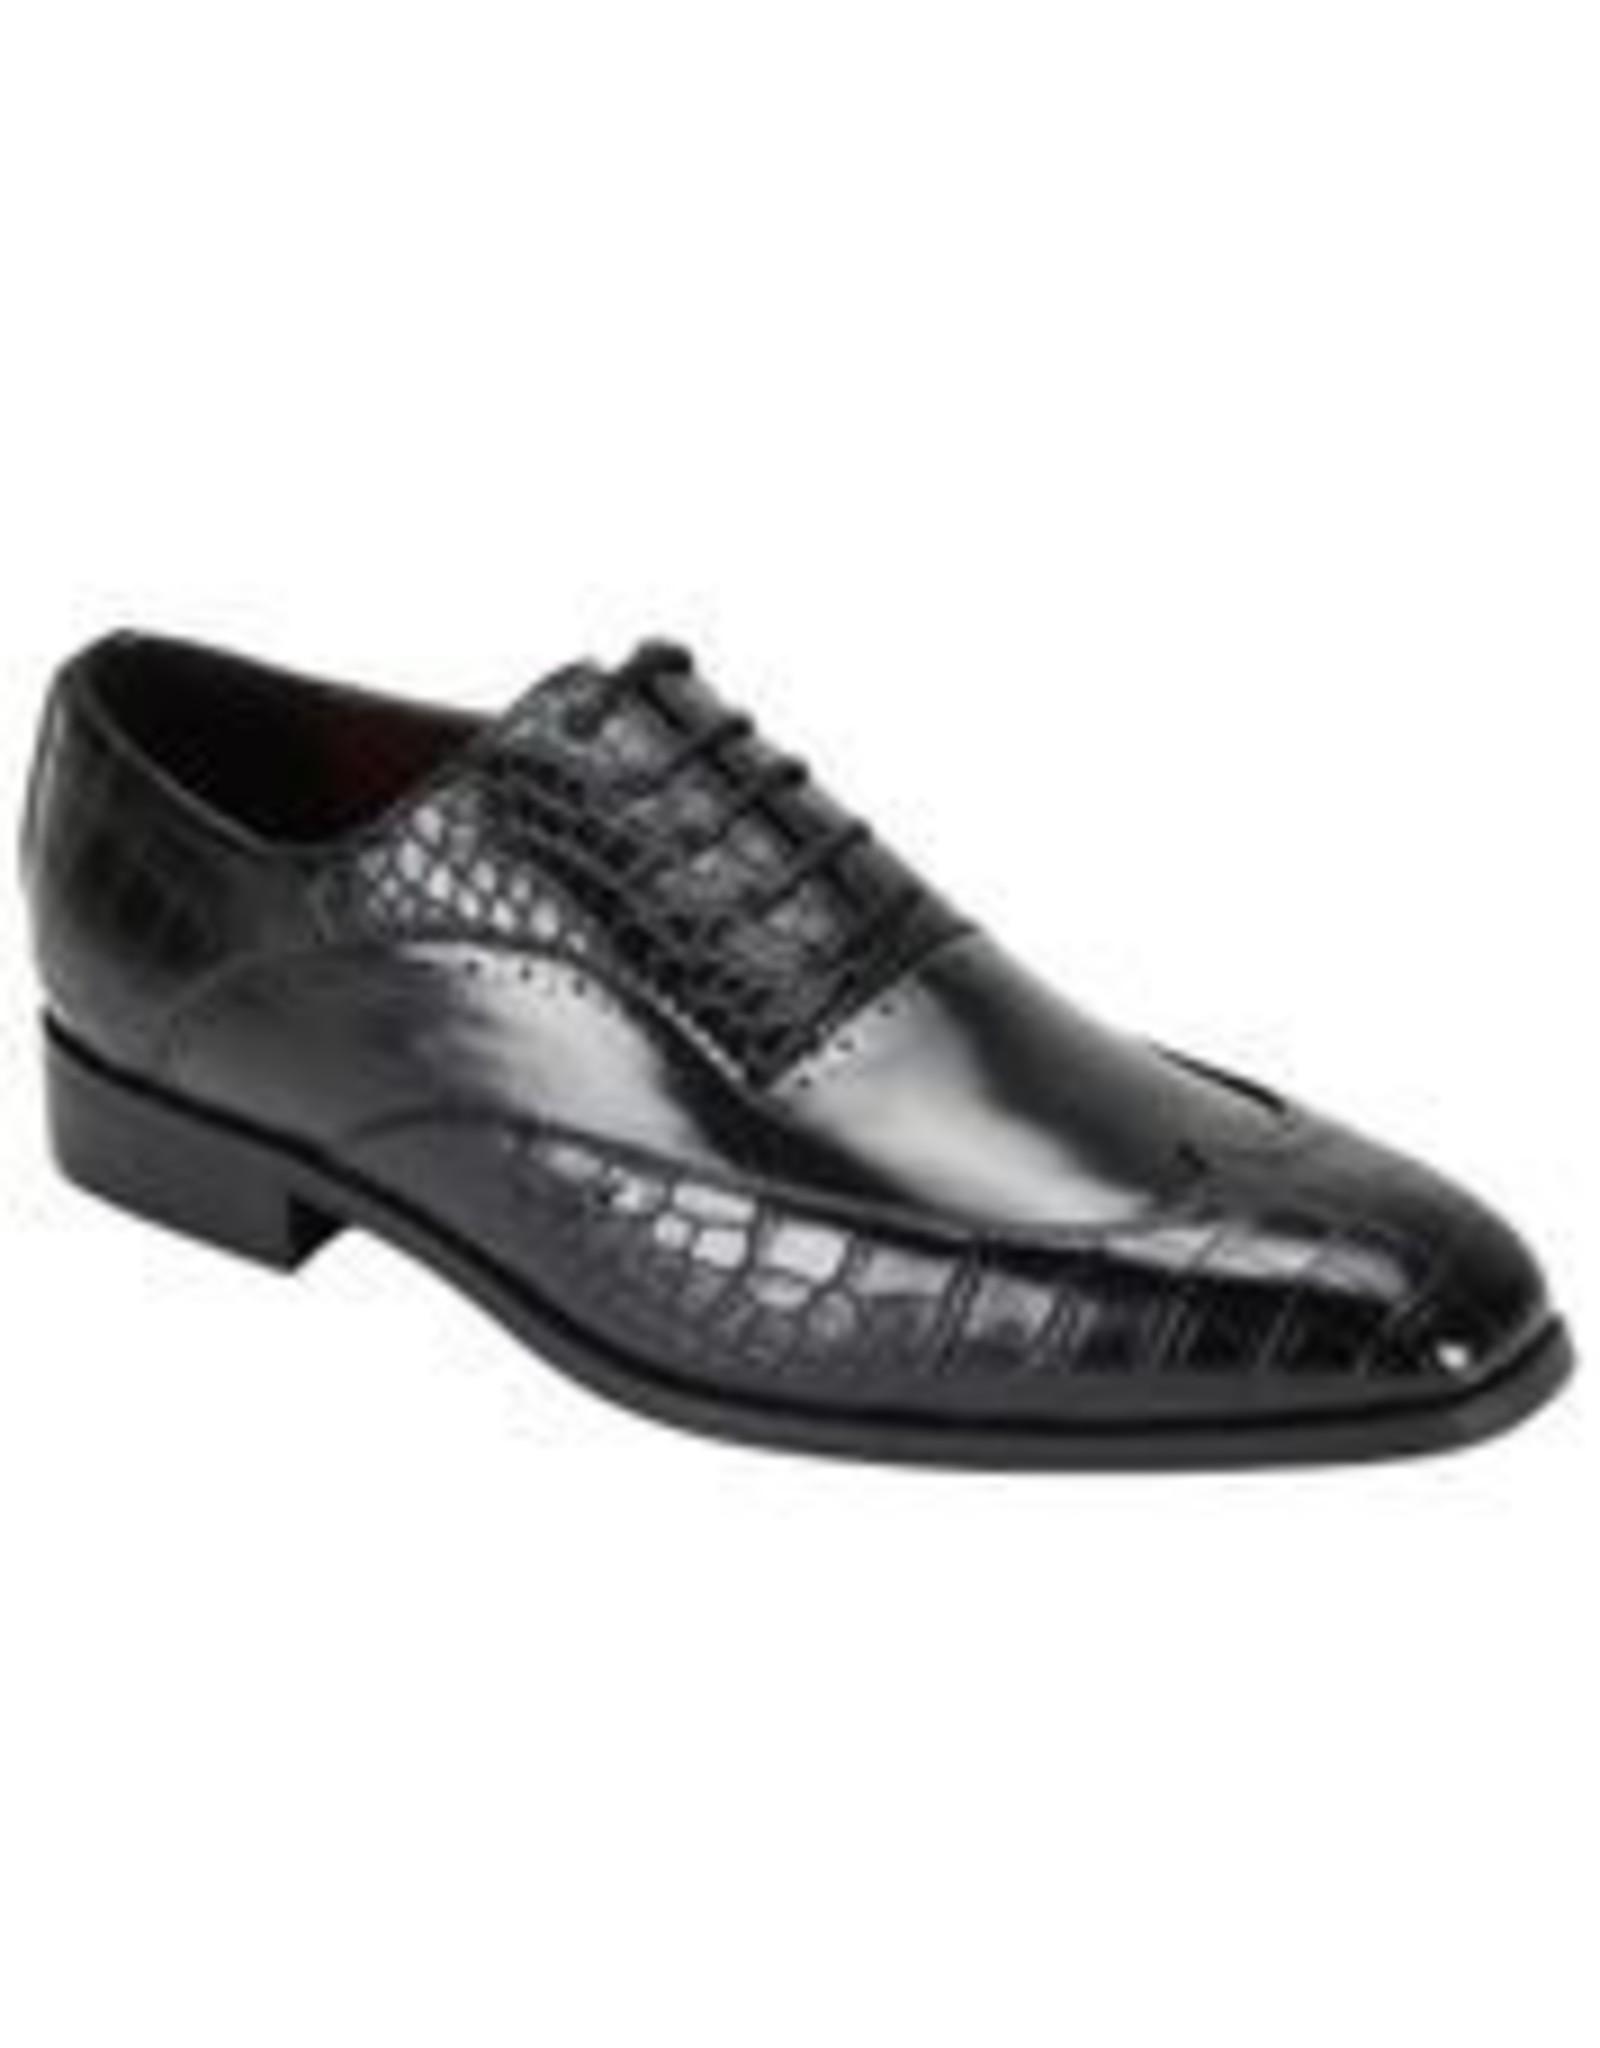 Antonio Cerrelli Antonio Cerrelli 6839 Dress Shoe - Black